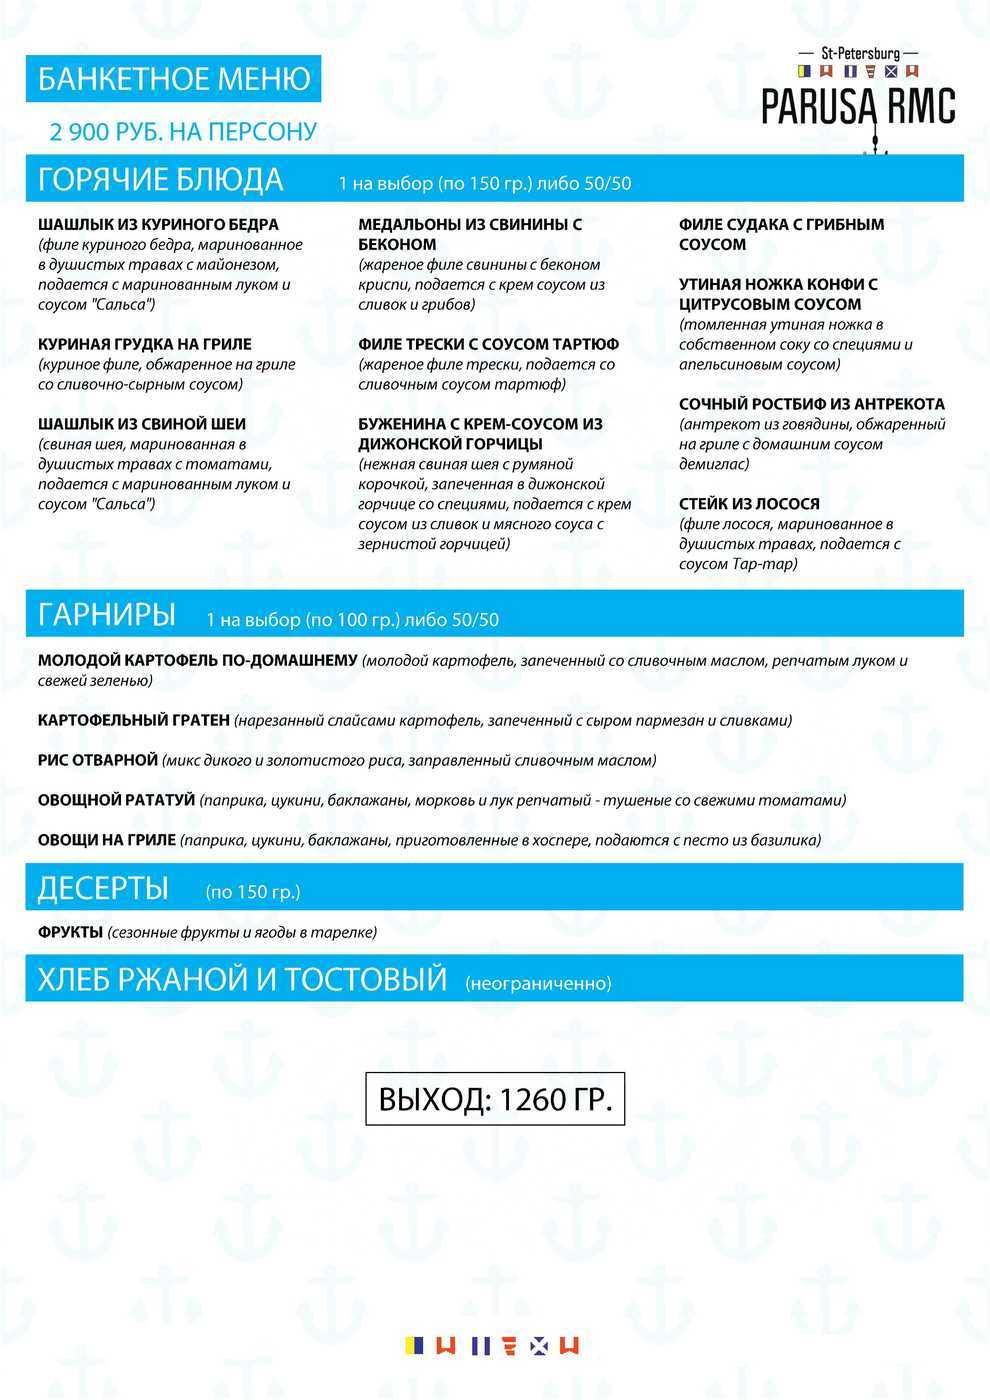 Банкетное меню ресторана Паруса на Петровской косе фото 12